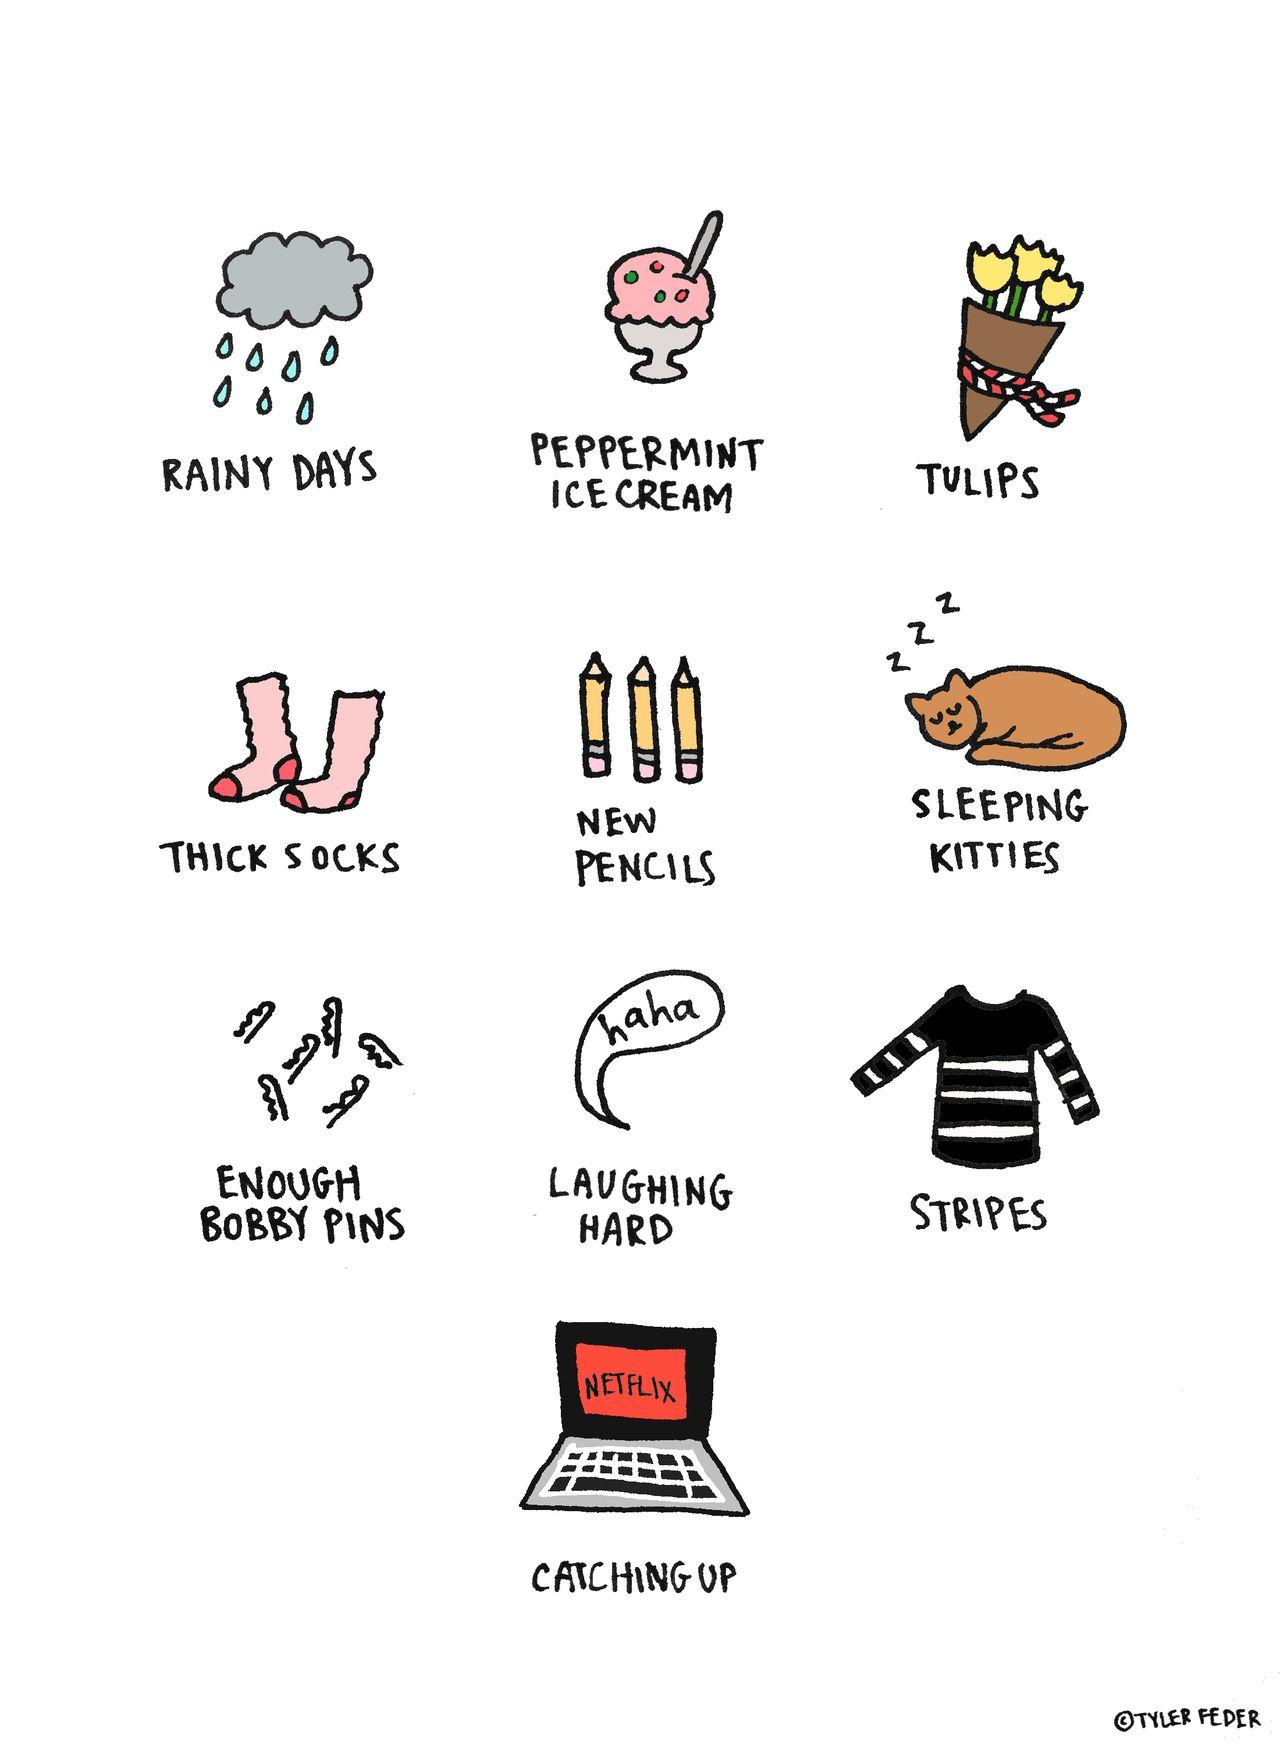 Nice Things (byTyler Feder)